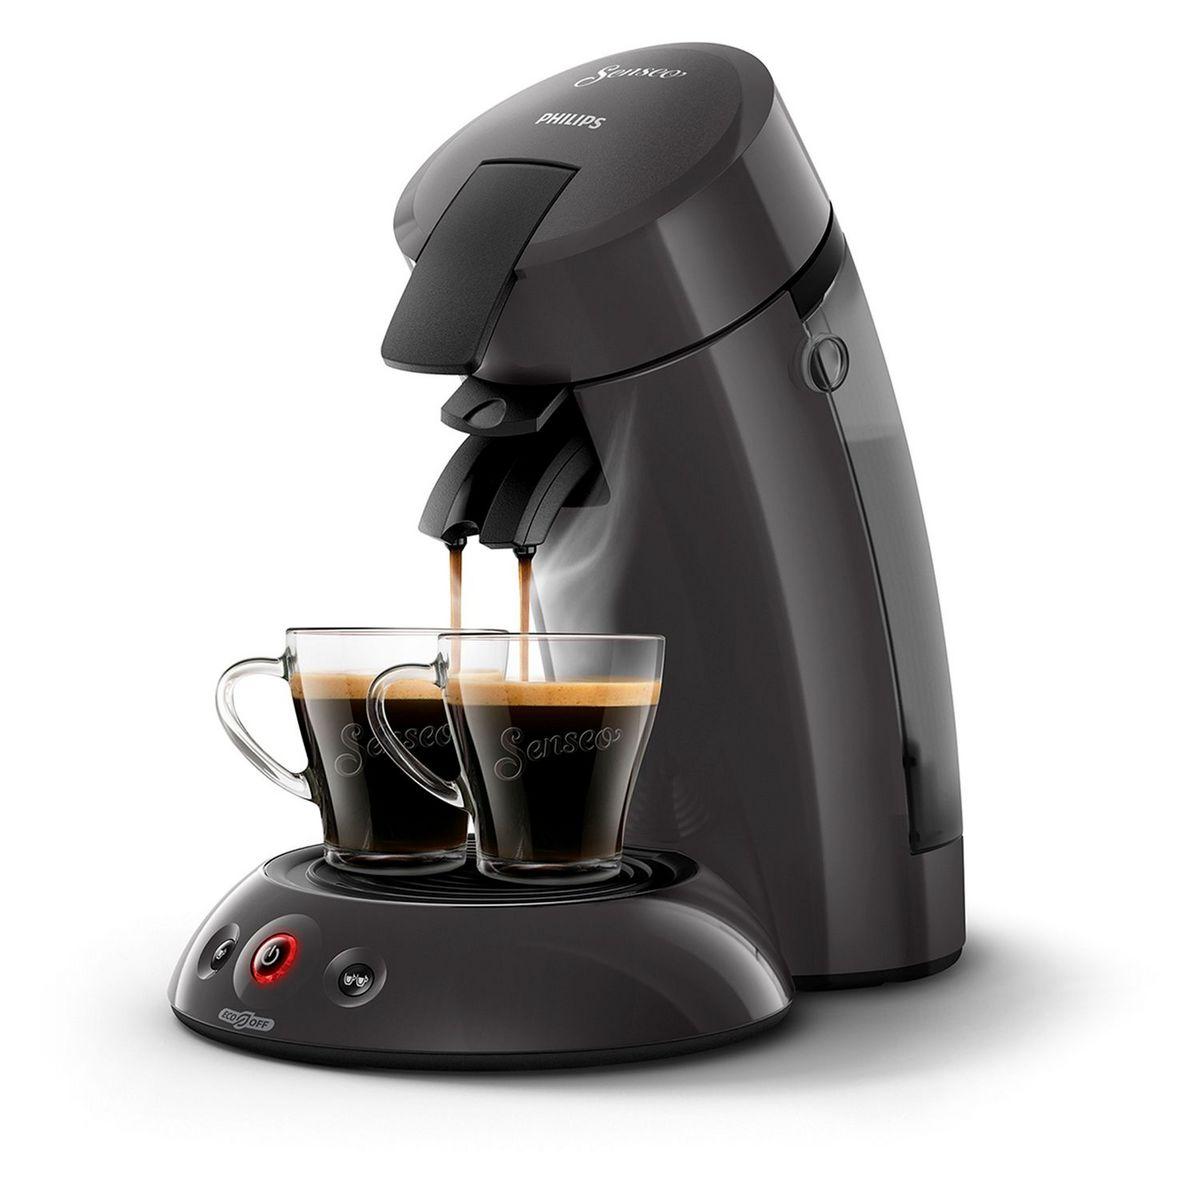 Cafetière à dosette Senseo HD6552/36 - Noir